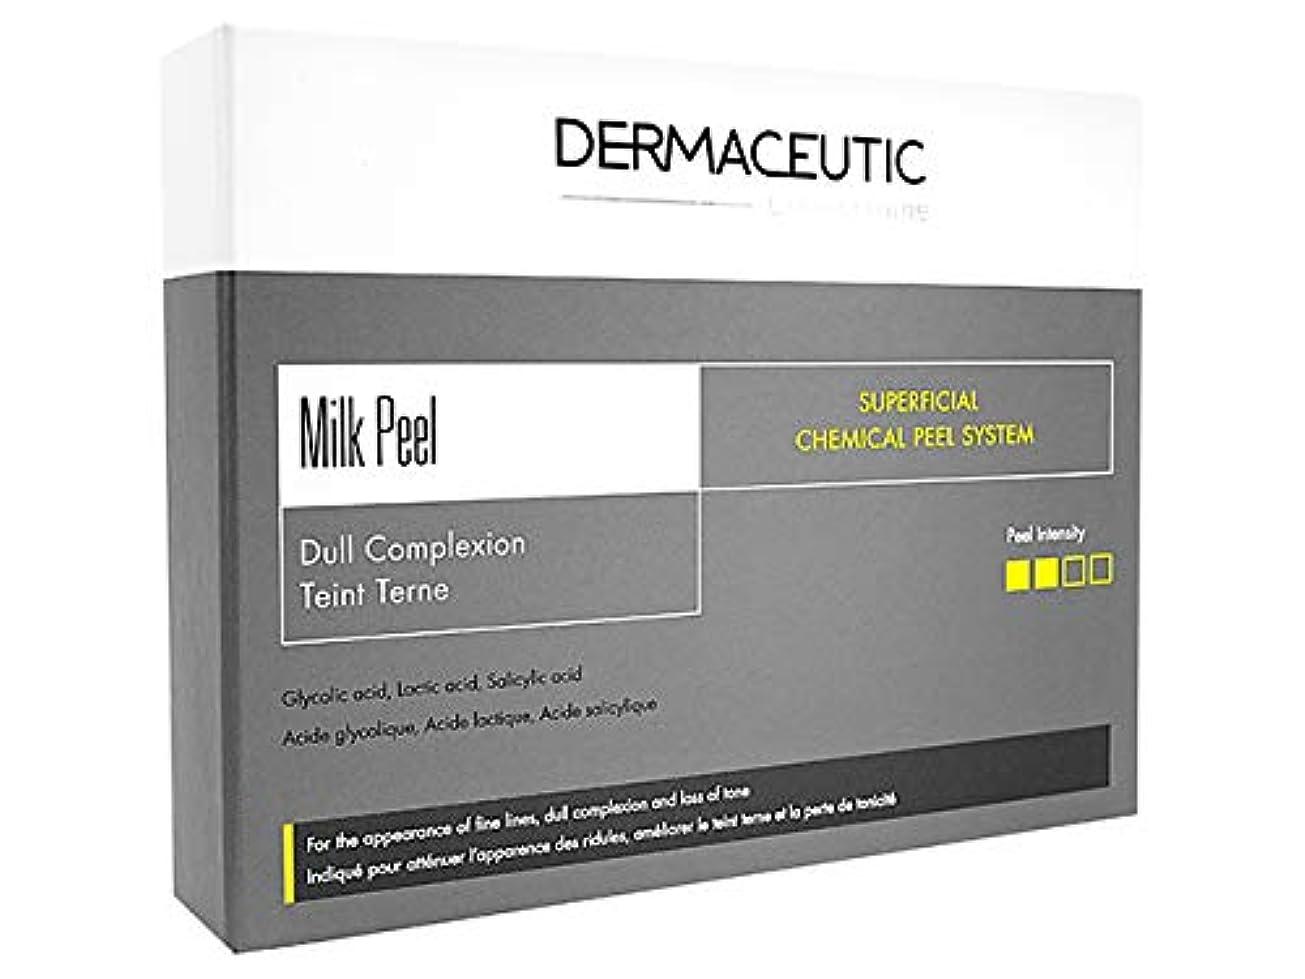 専門化するジェットおびえたダーマシューティック ミルクピールトリートメント[ヤマト便] (Dermaceutic) Milk Peel Treatment (海外発送)